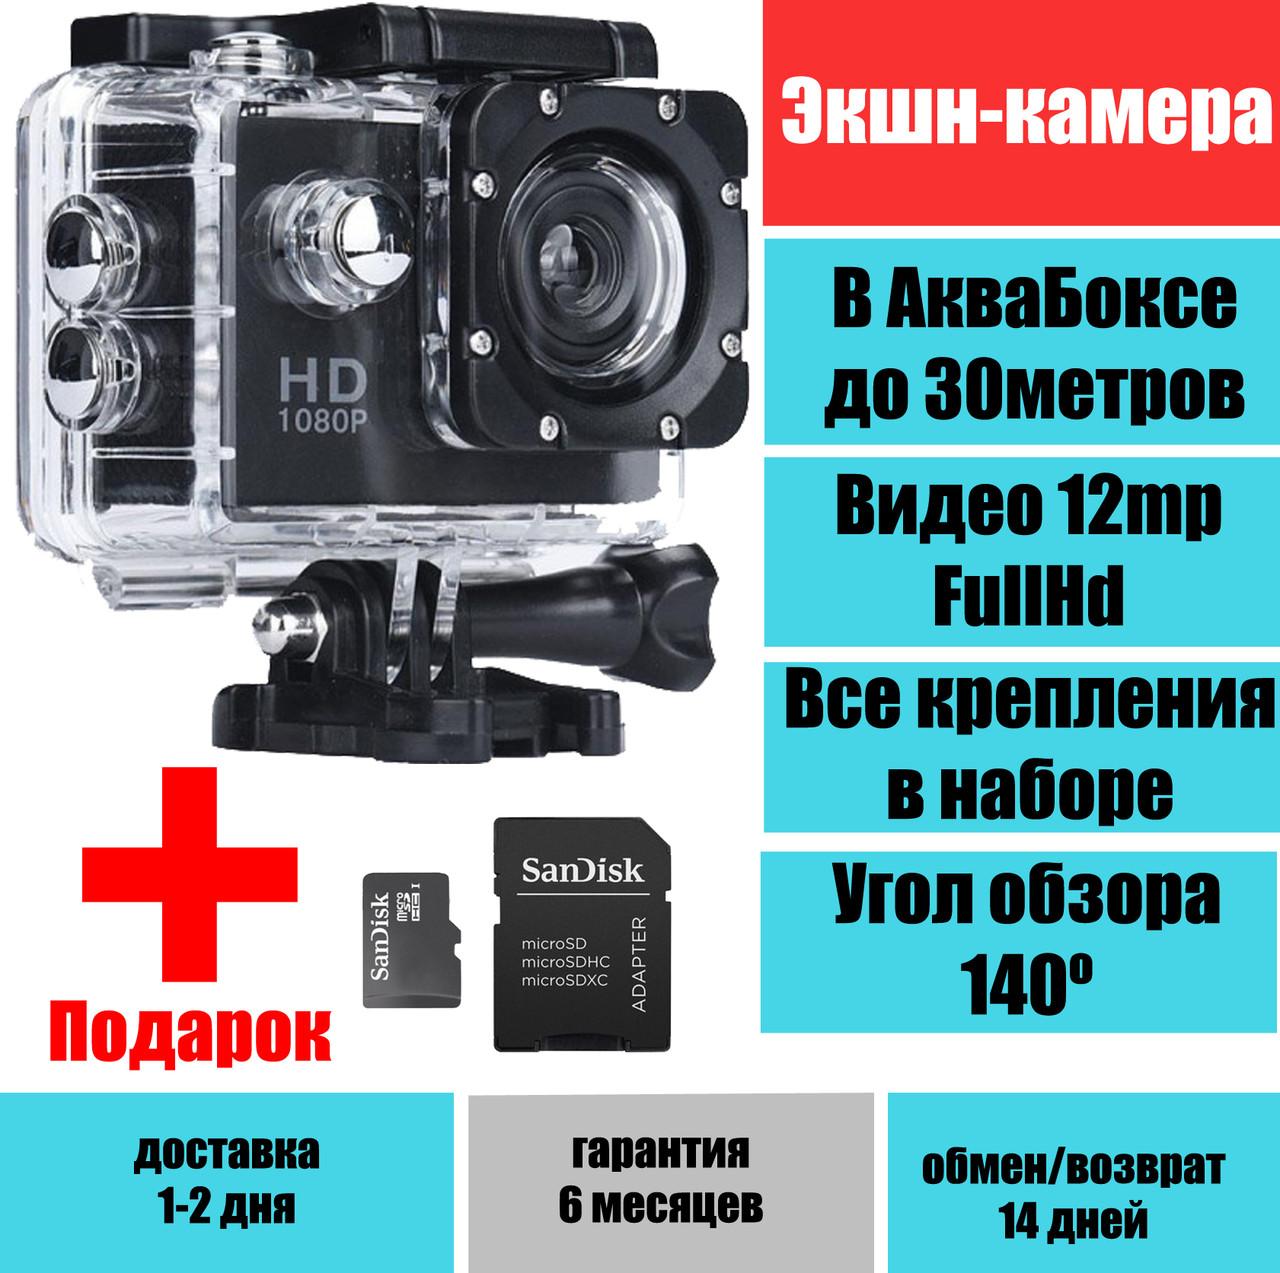 Экшн камера DVR SPORT A7 с аквабоксом, FullHD, 12mp, угол обзора 140град, видеорегистратор + карта 16gb